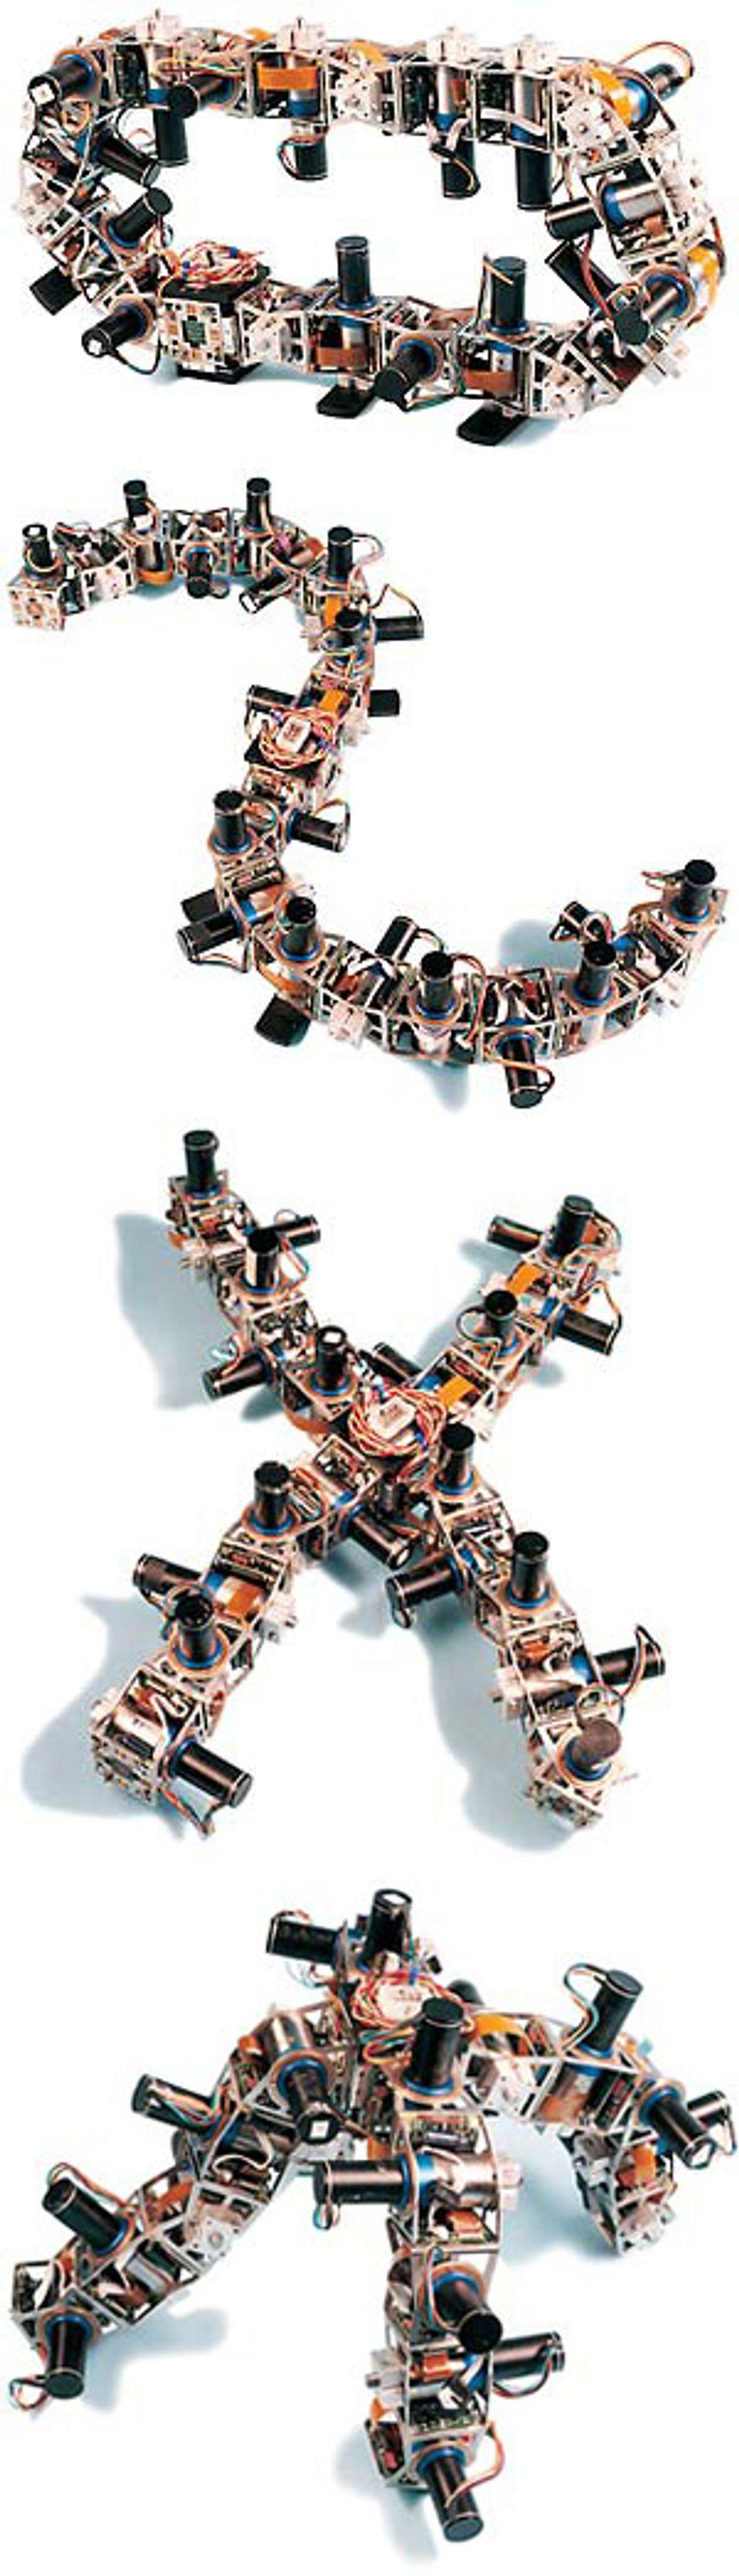 Modular Robots